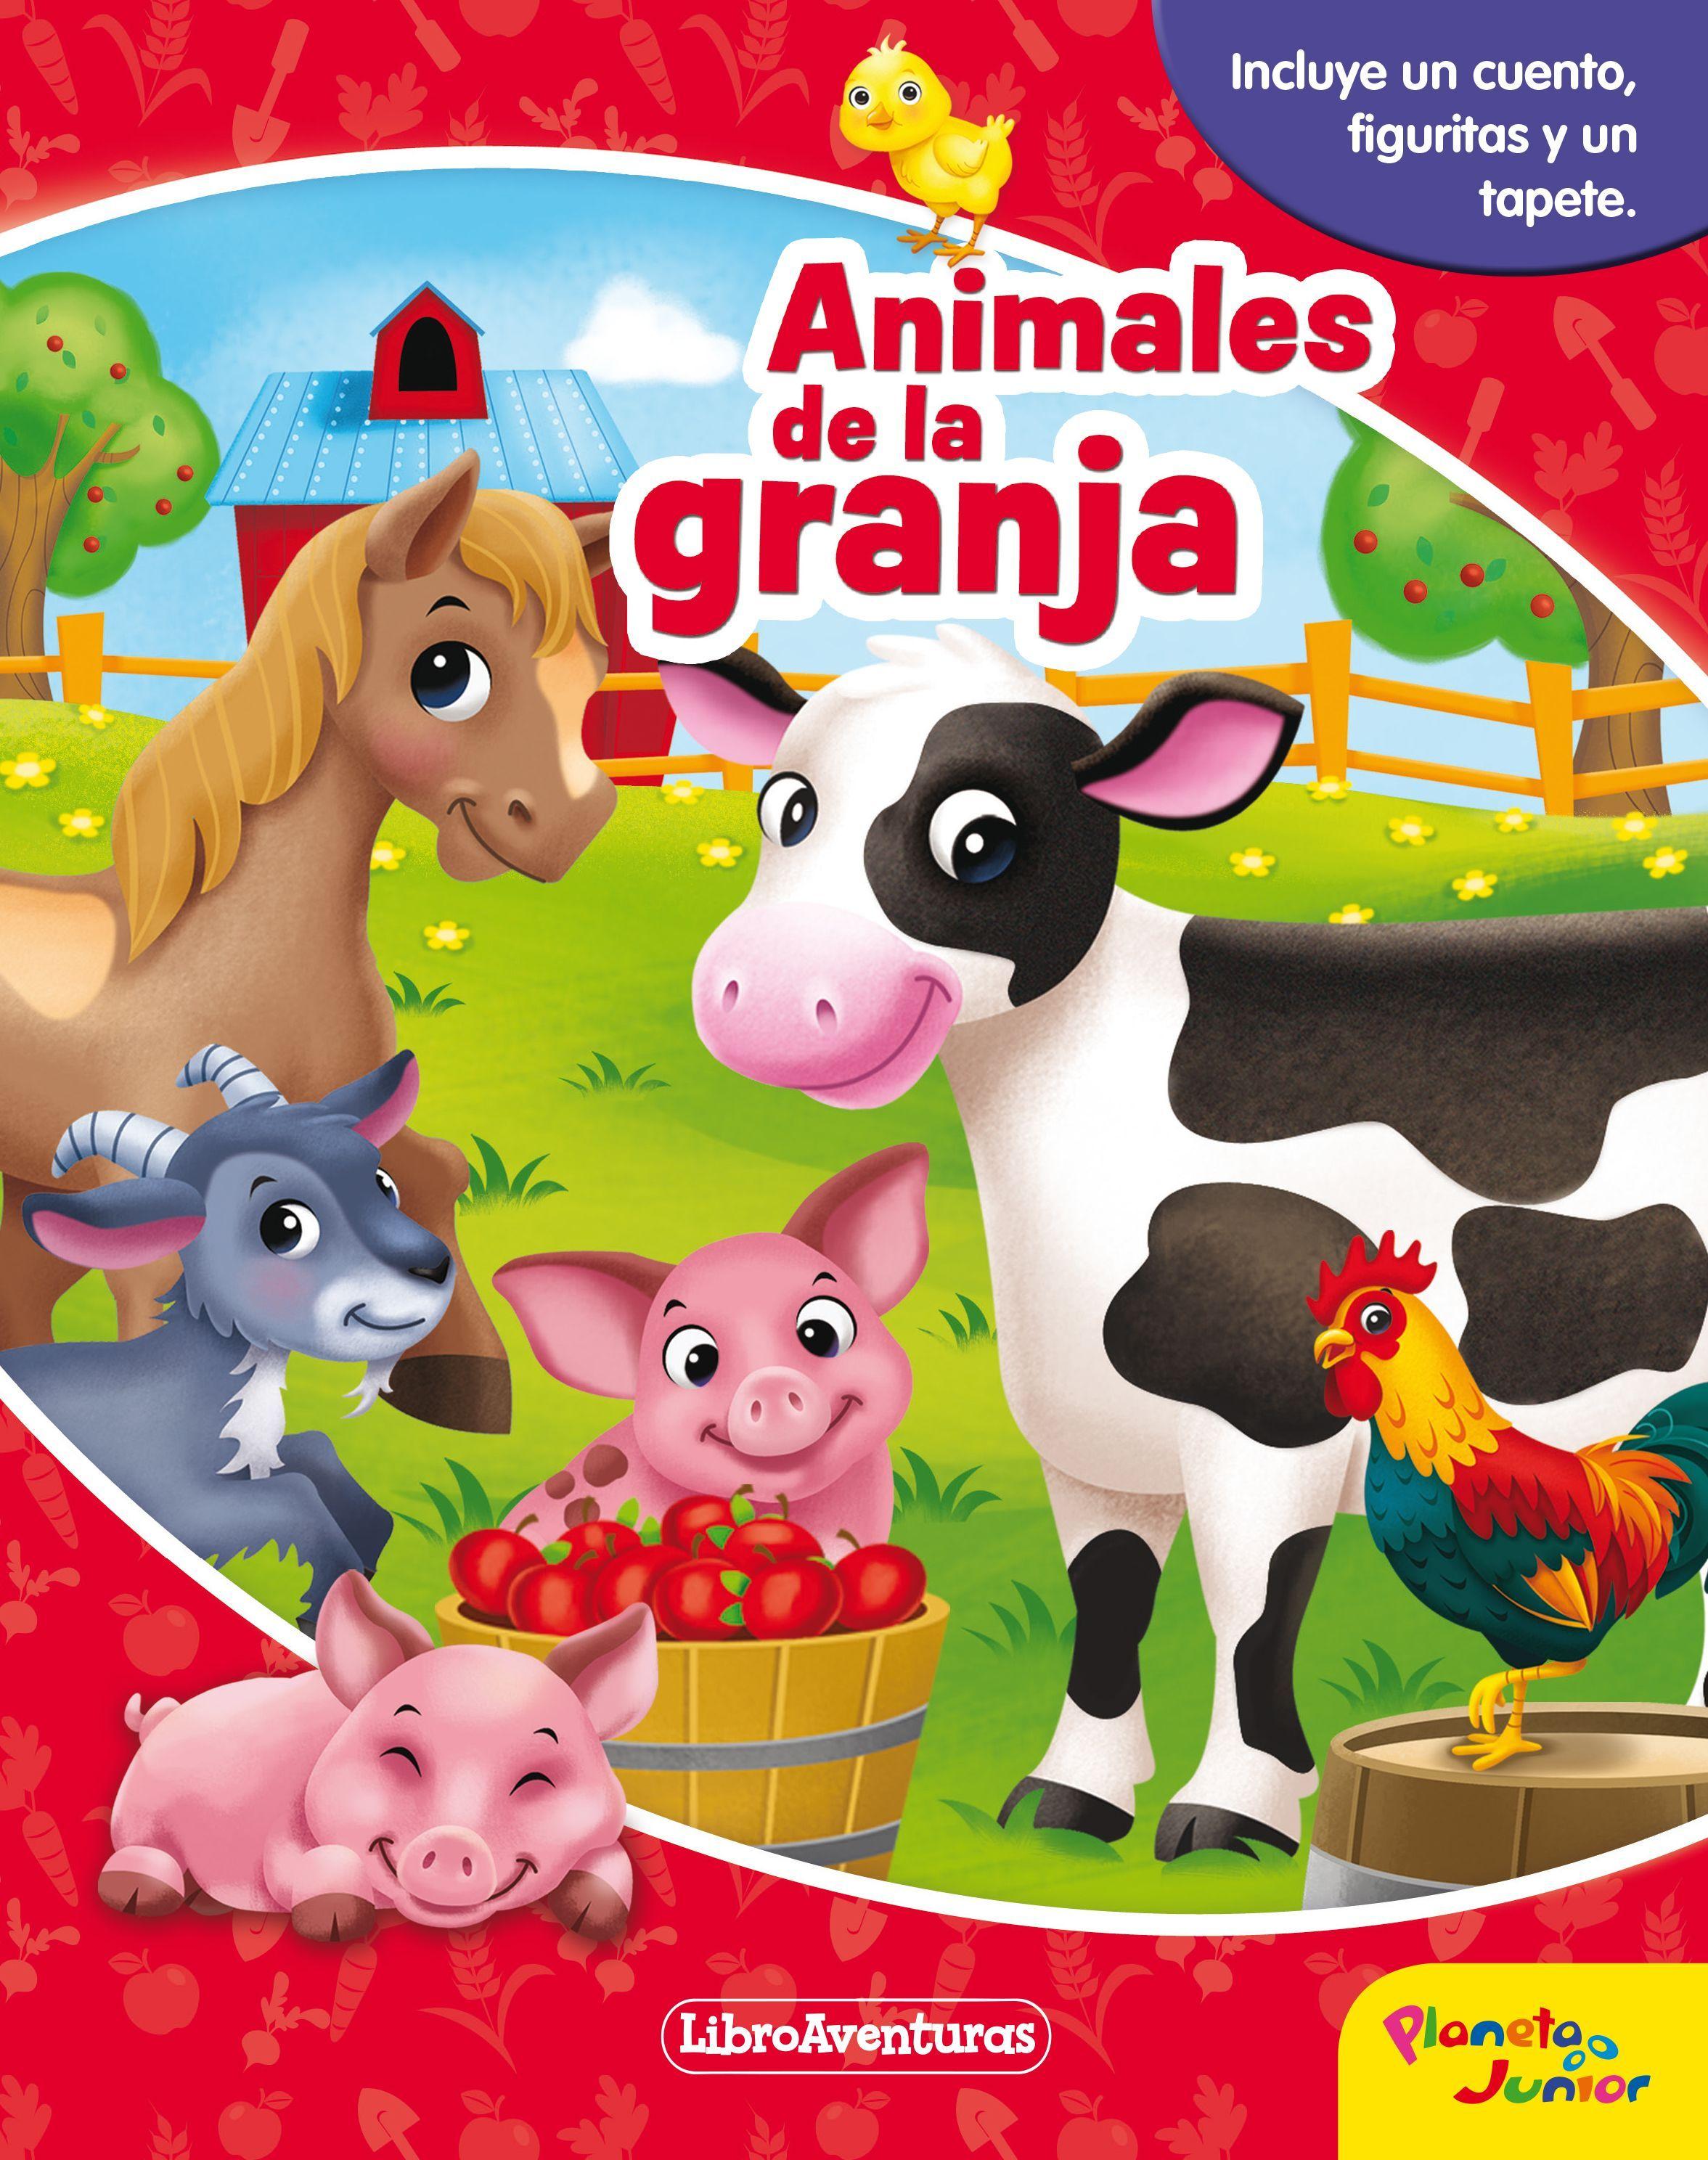 ANIMALES DE LA GRANJA INCLUYE UN CUENTO FIGURITAS I UN TAPETE